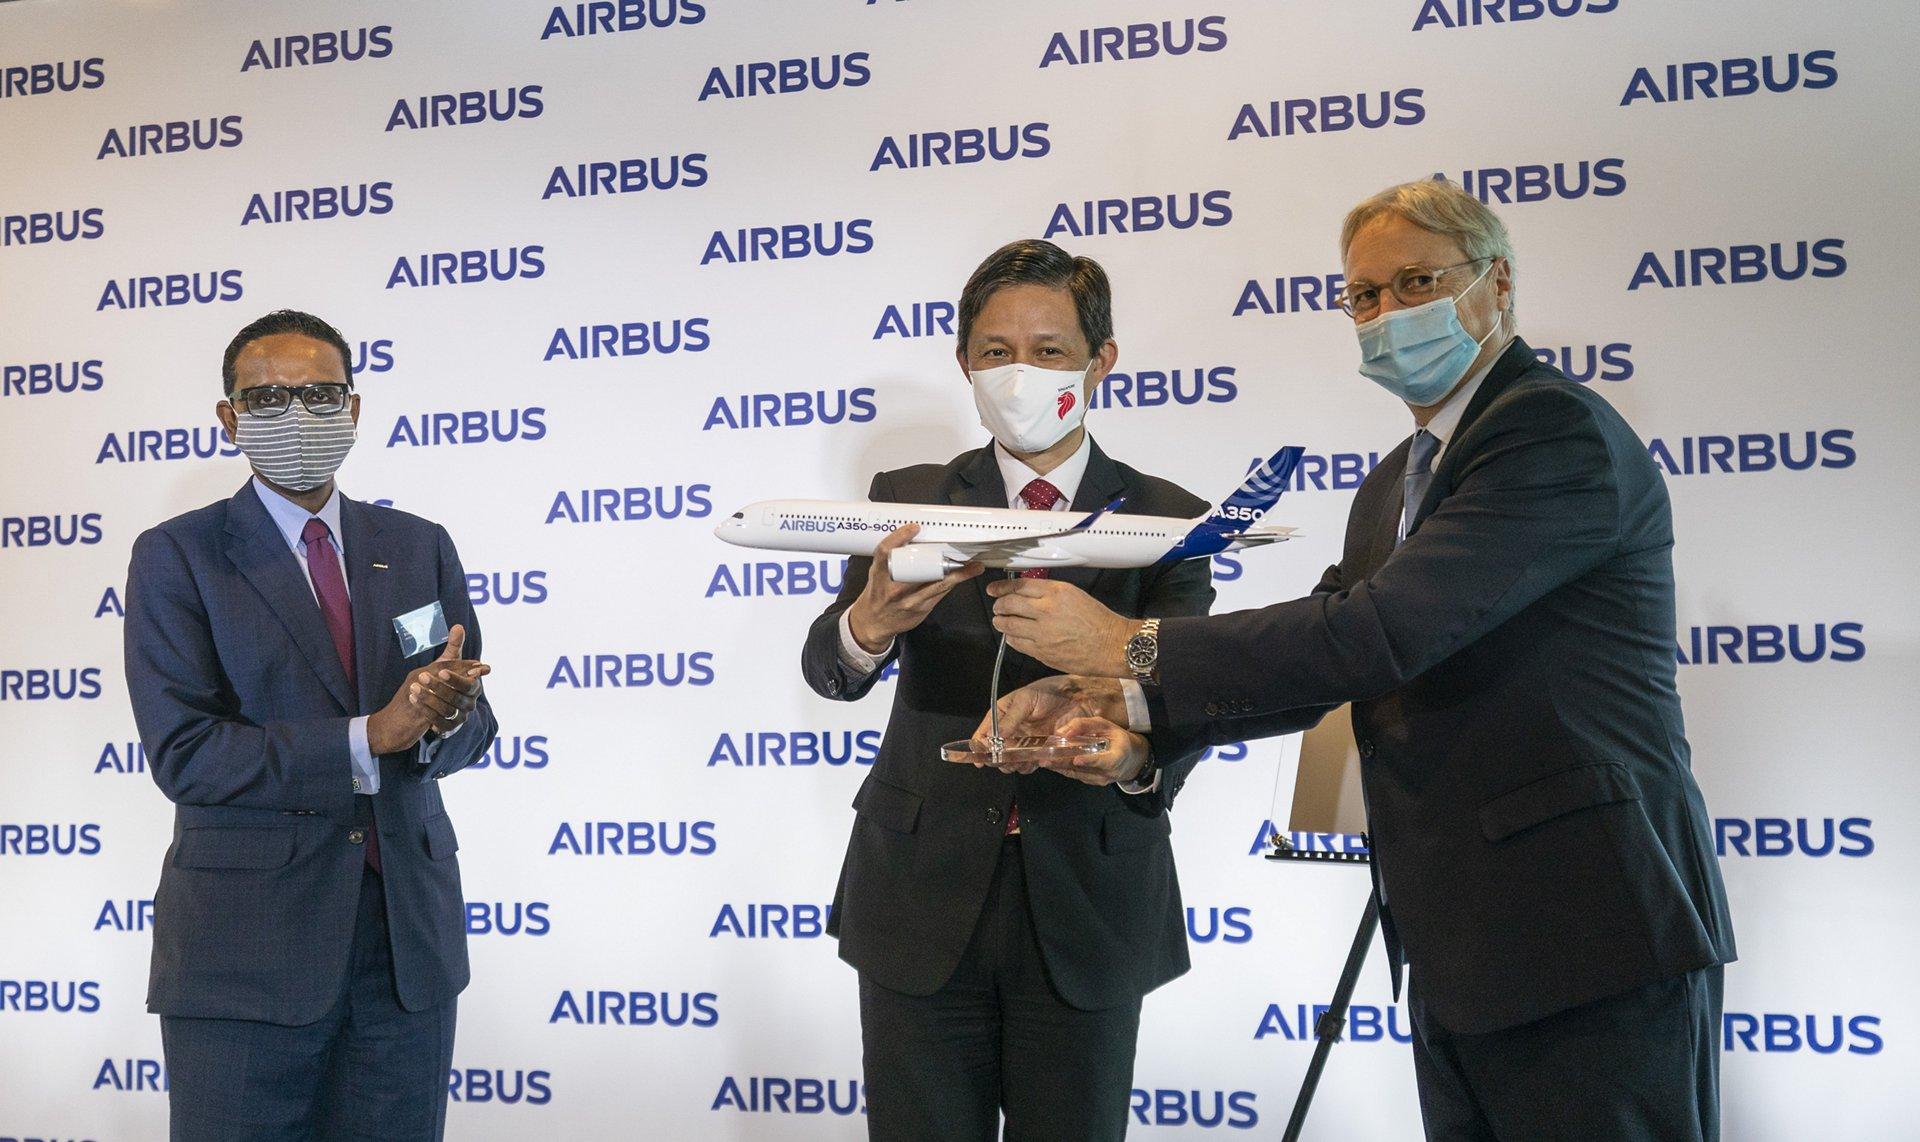 Airbus Campus Inauguration